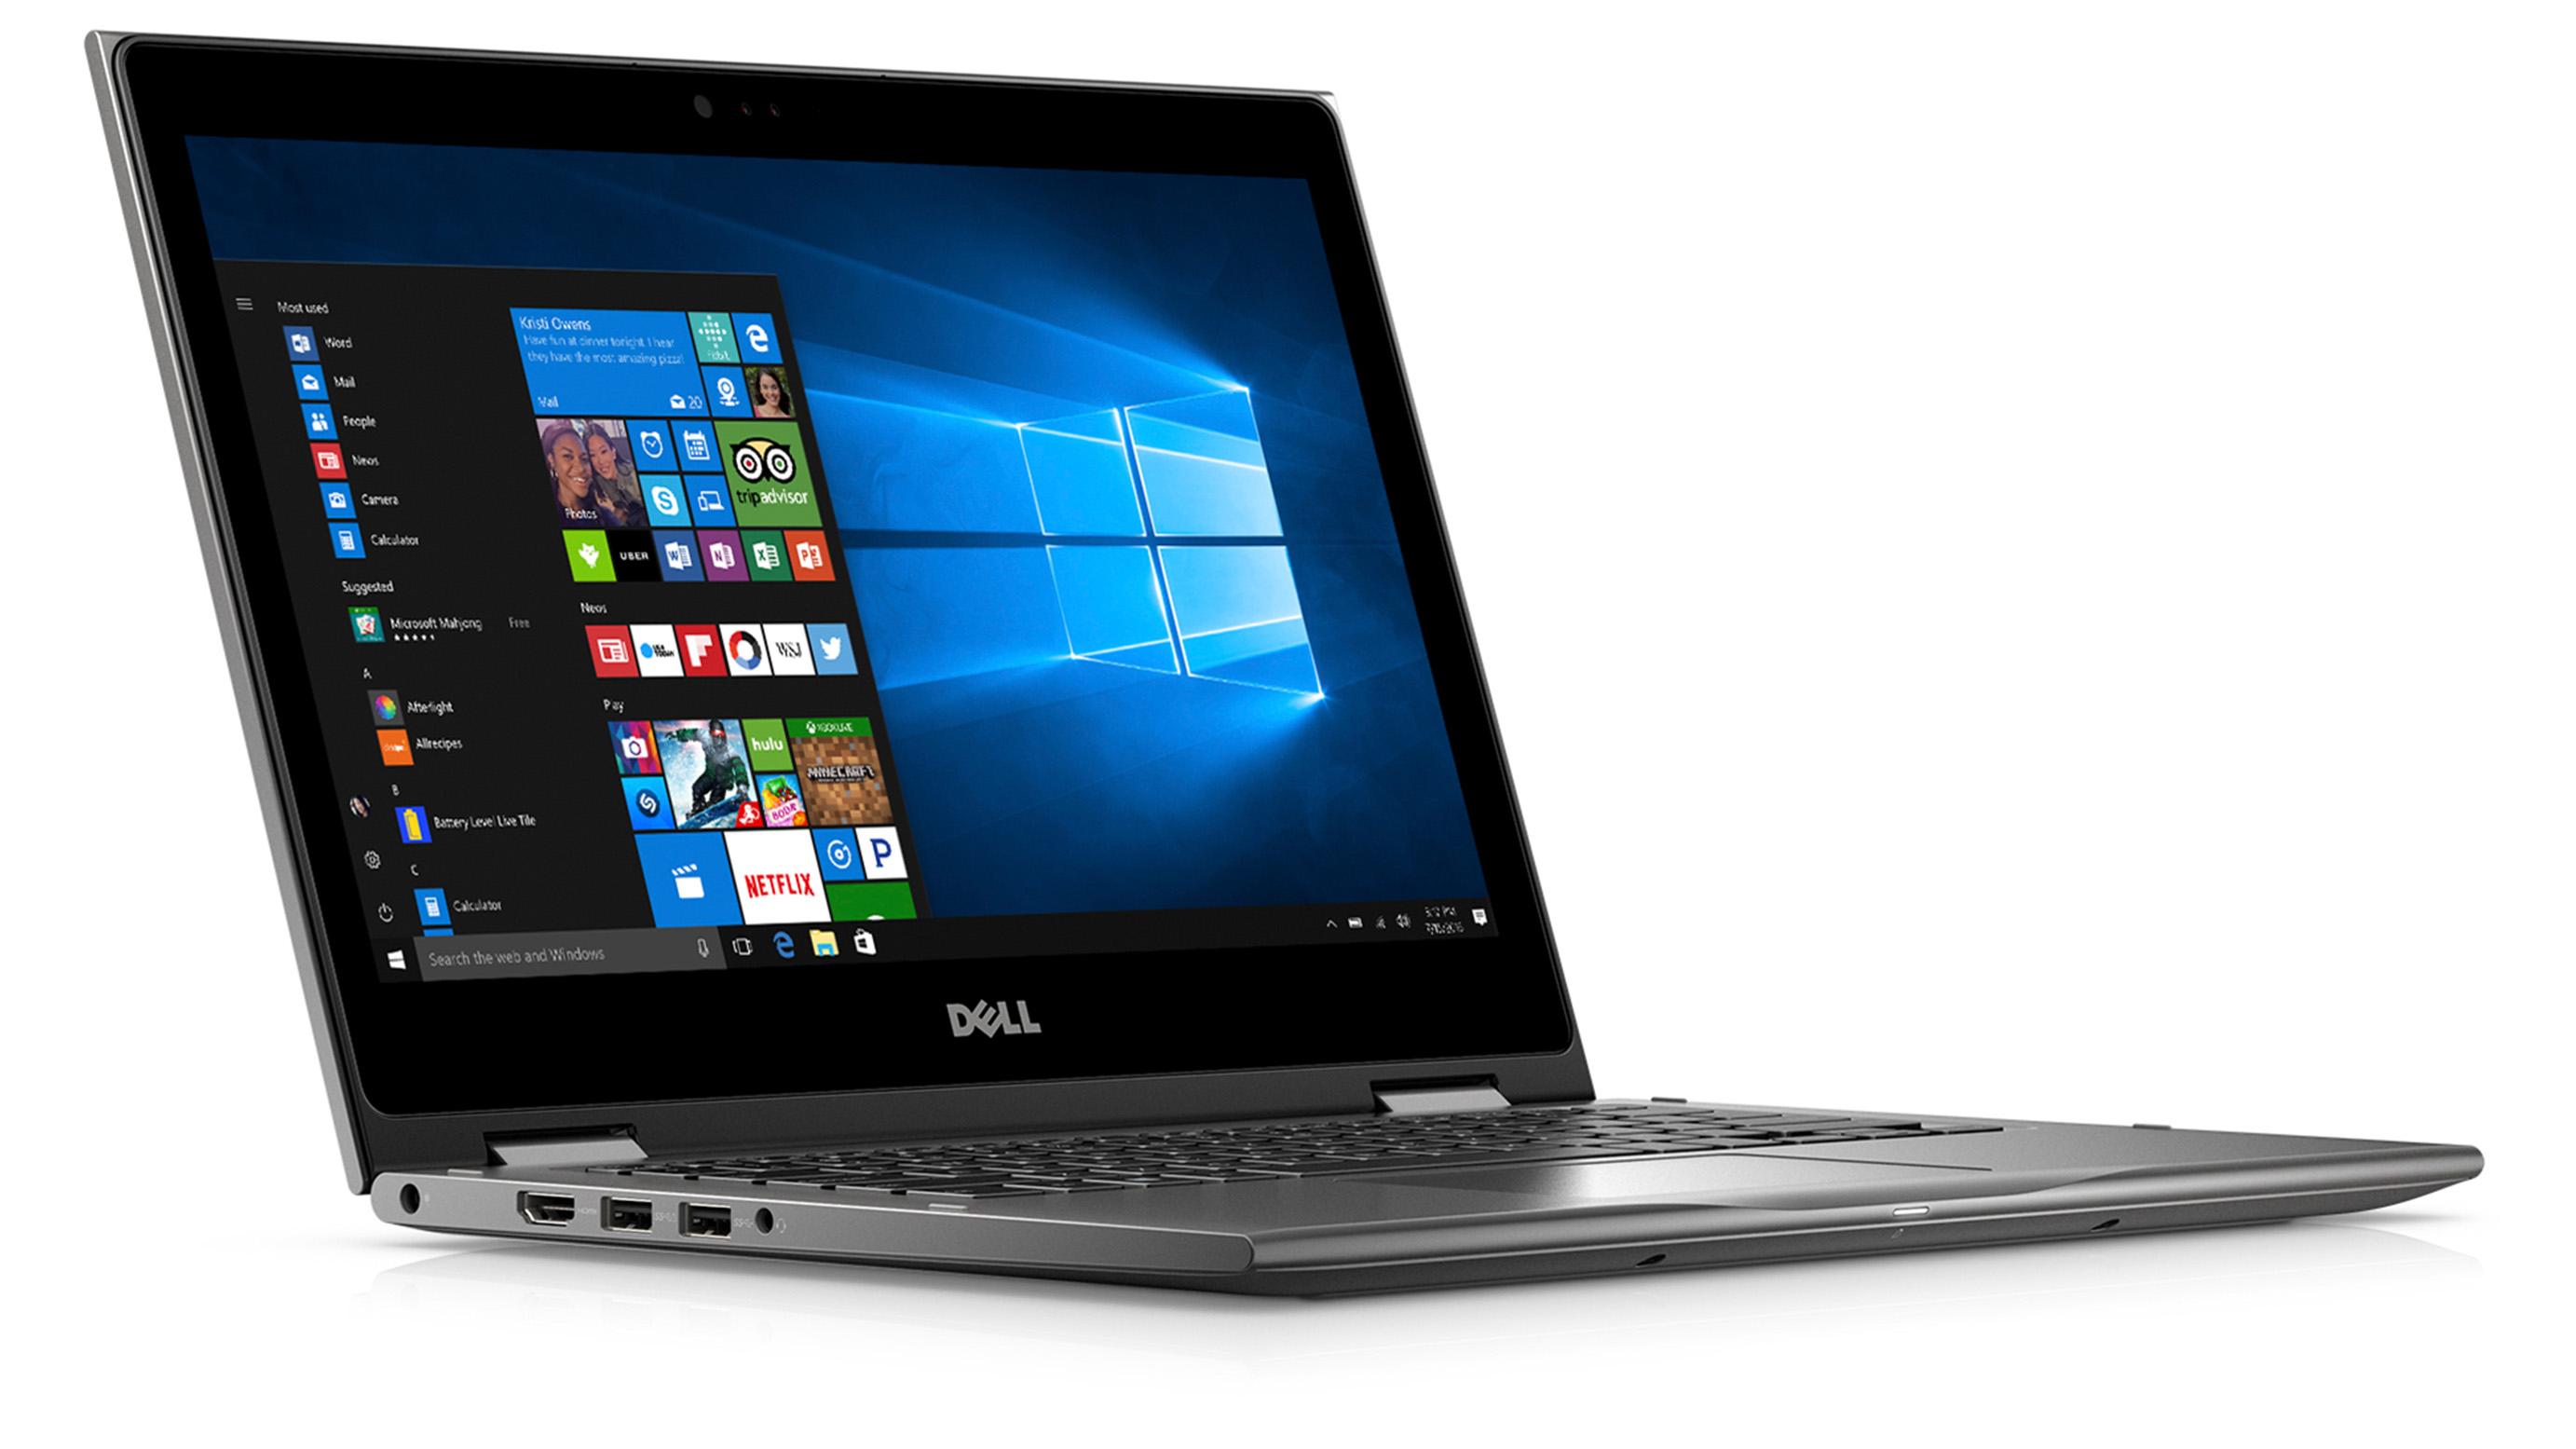 Dell Inspiron 13 i5368 Signature Edition 2-in-1 PC